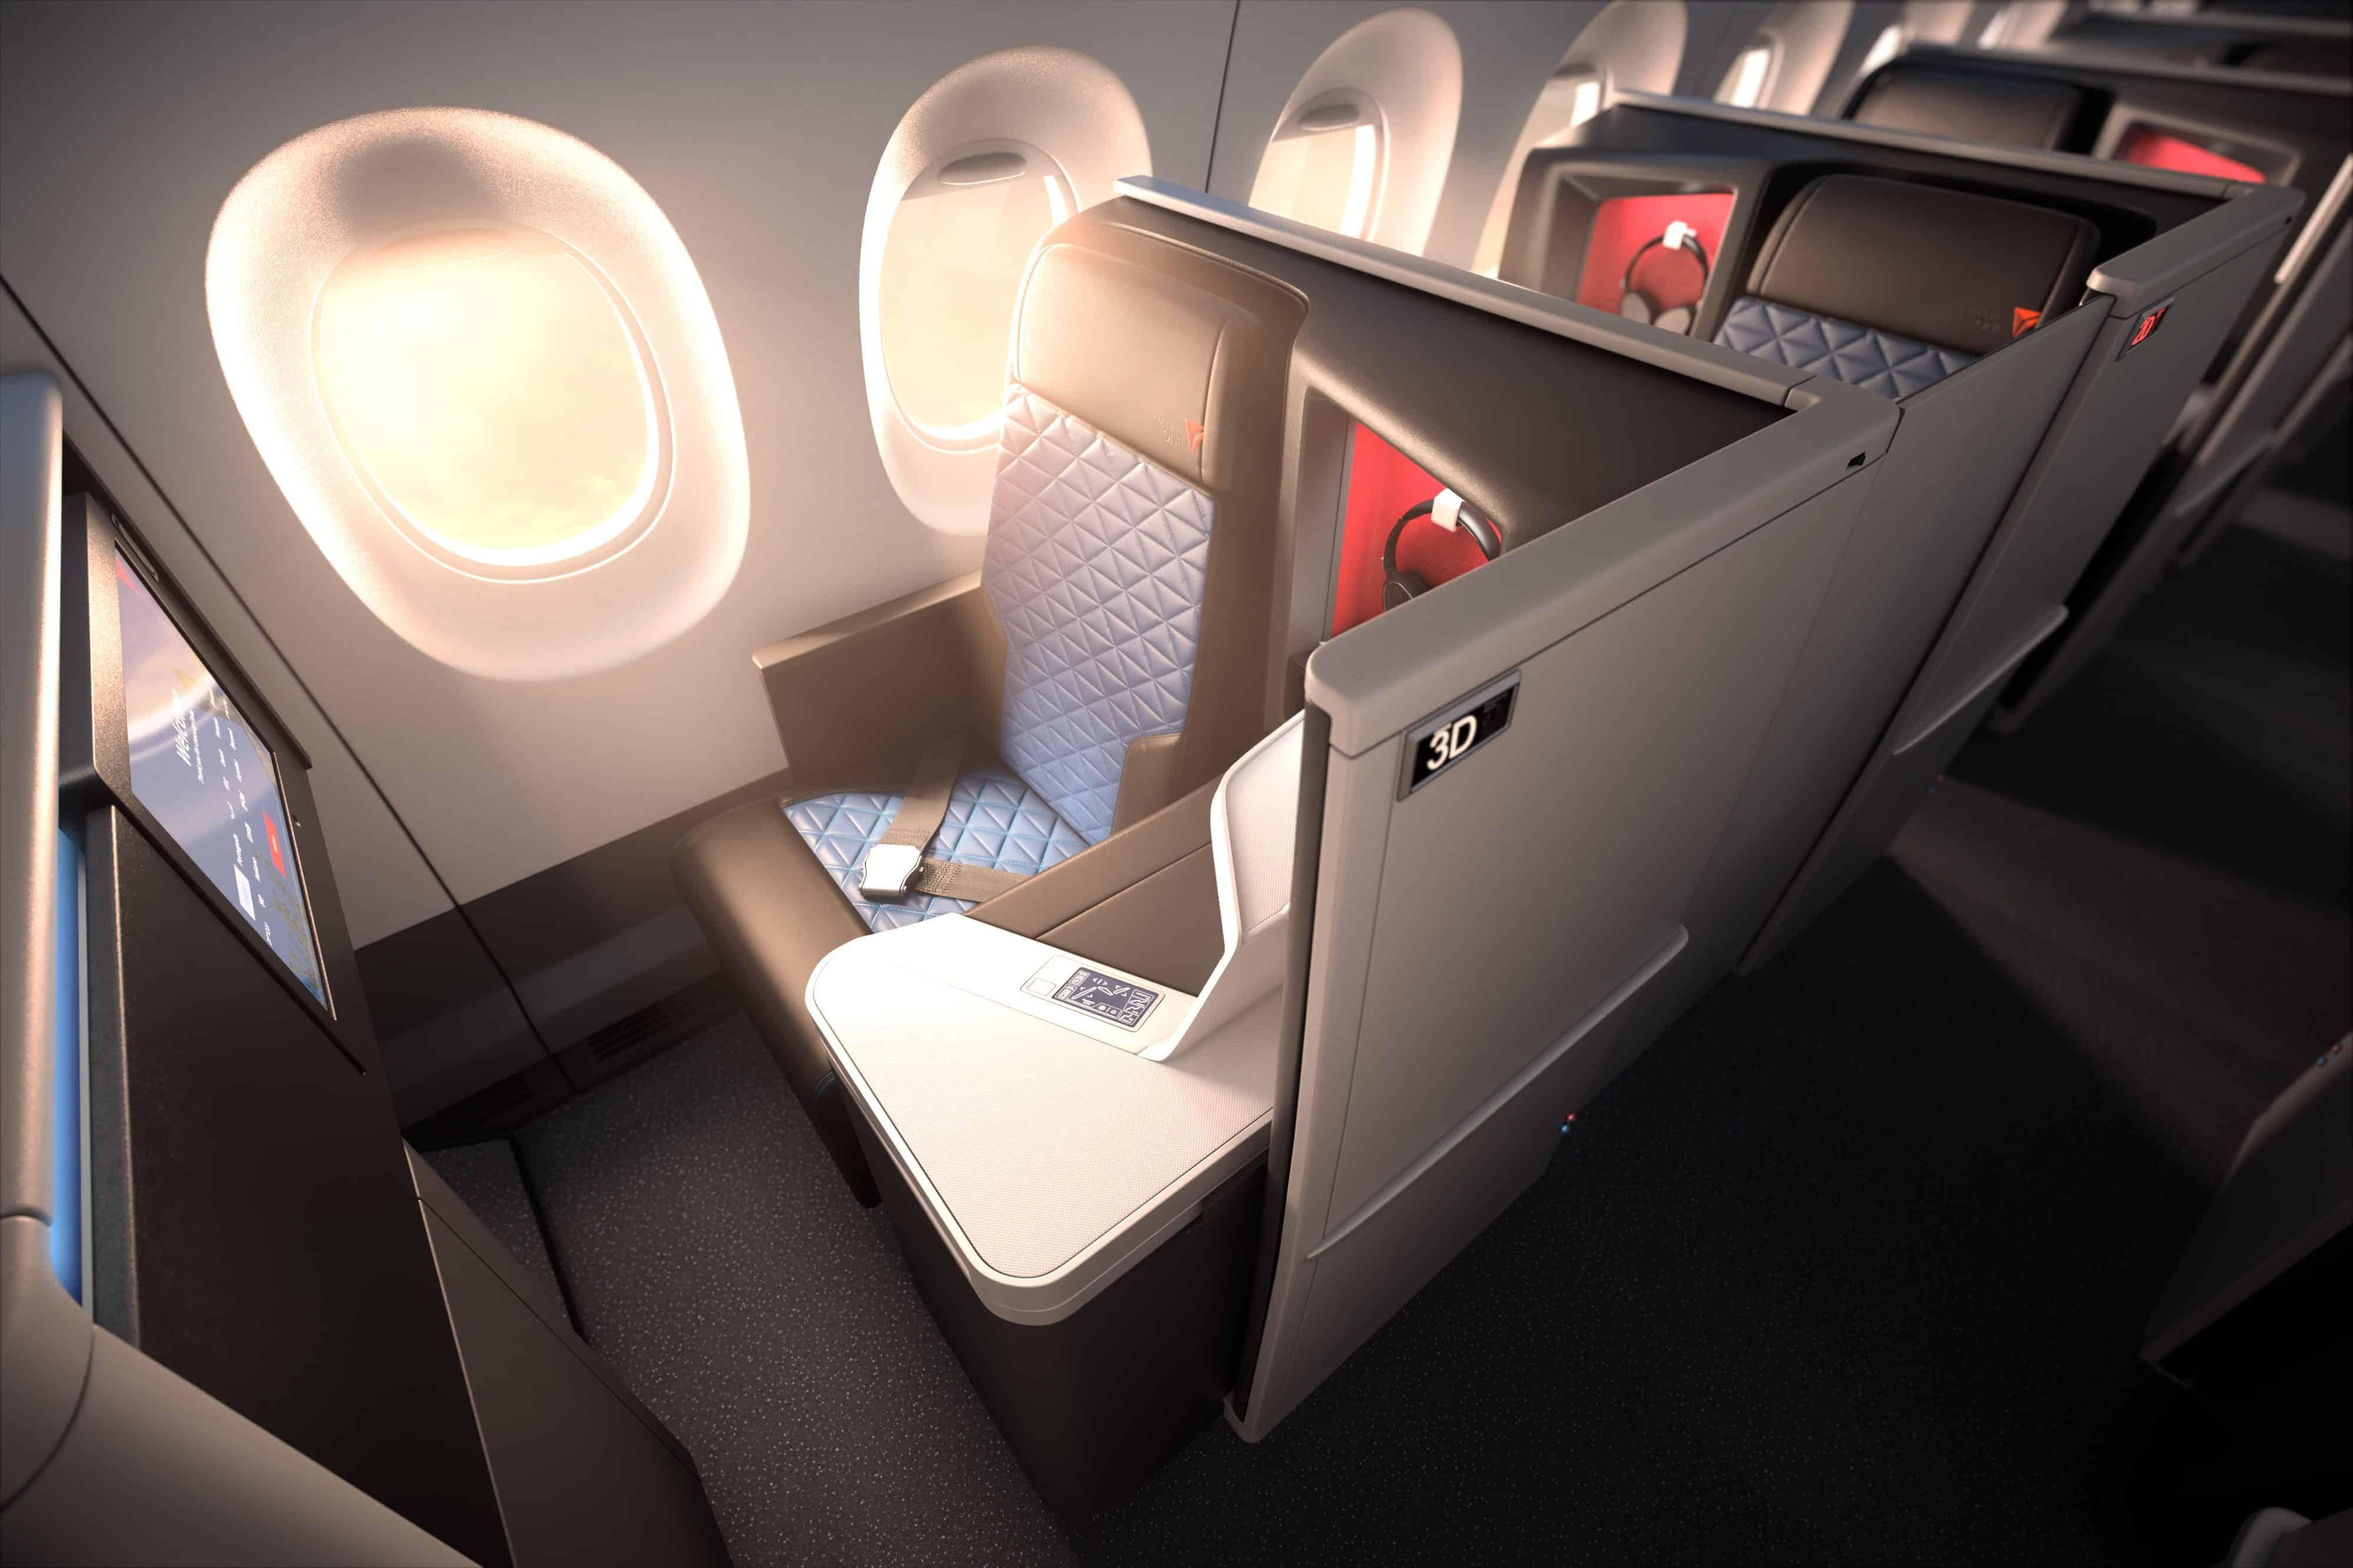 Delat One Suite A350